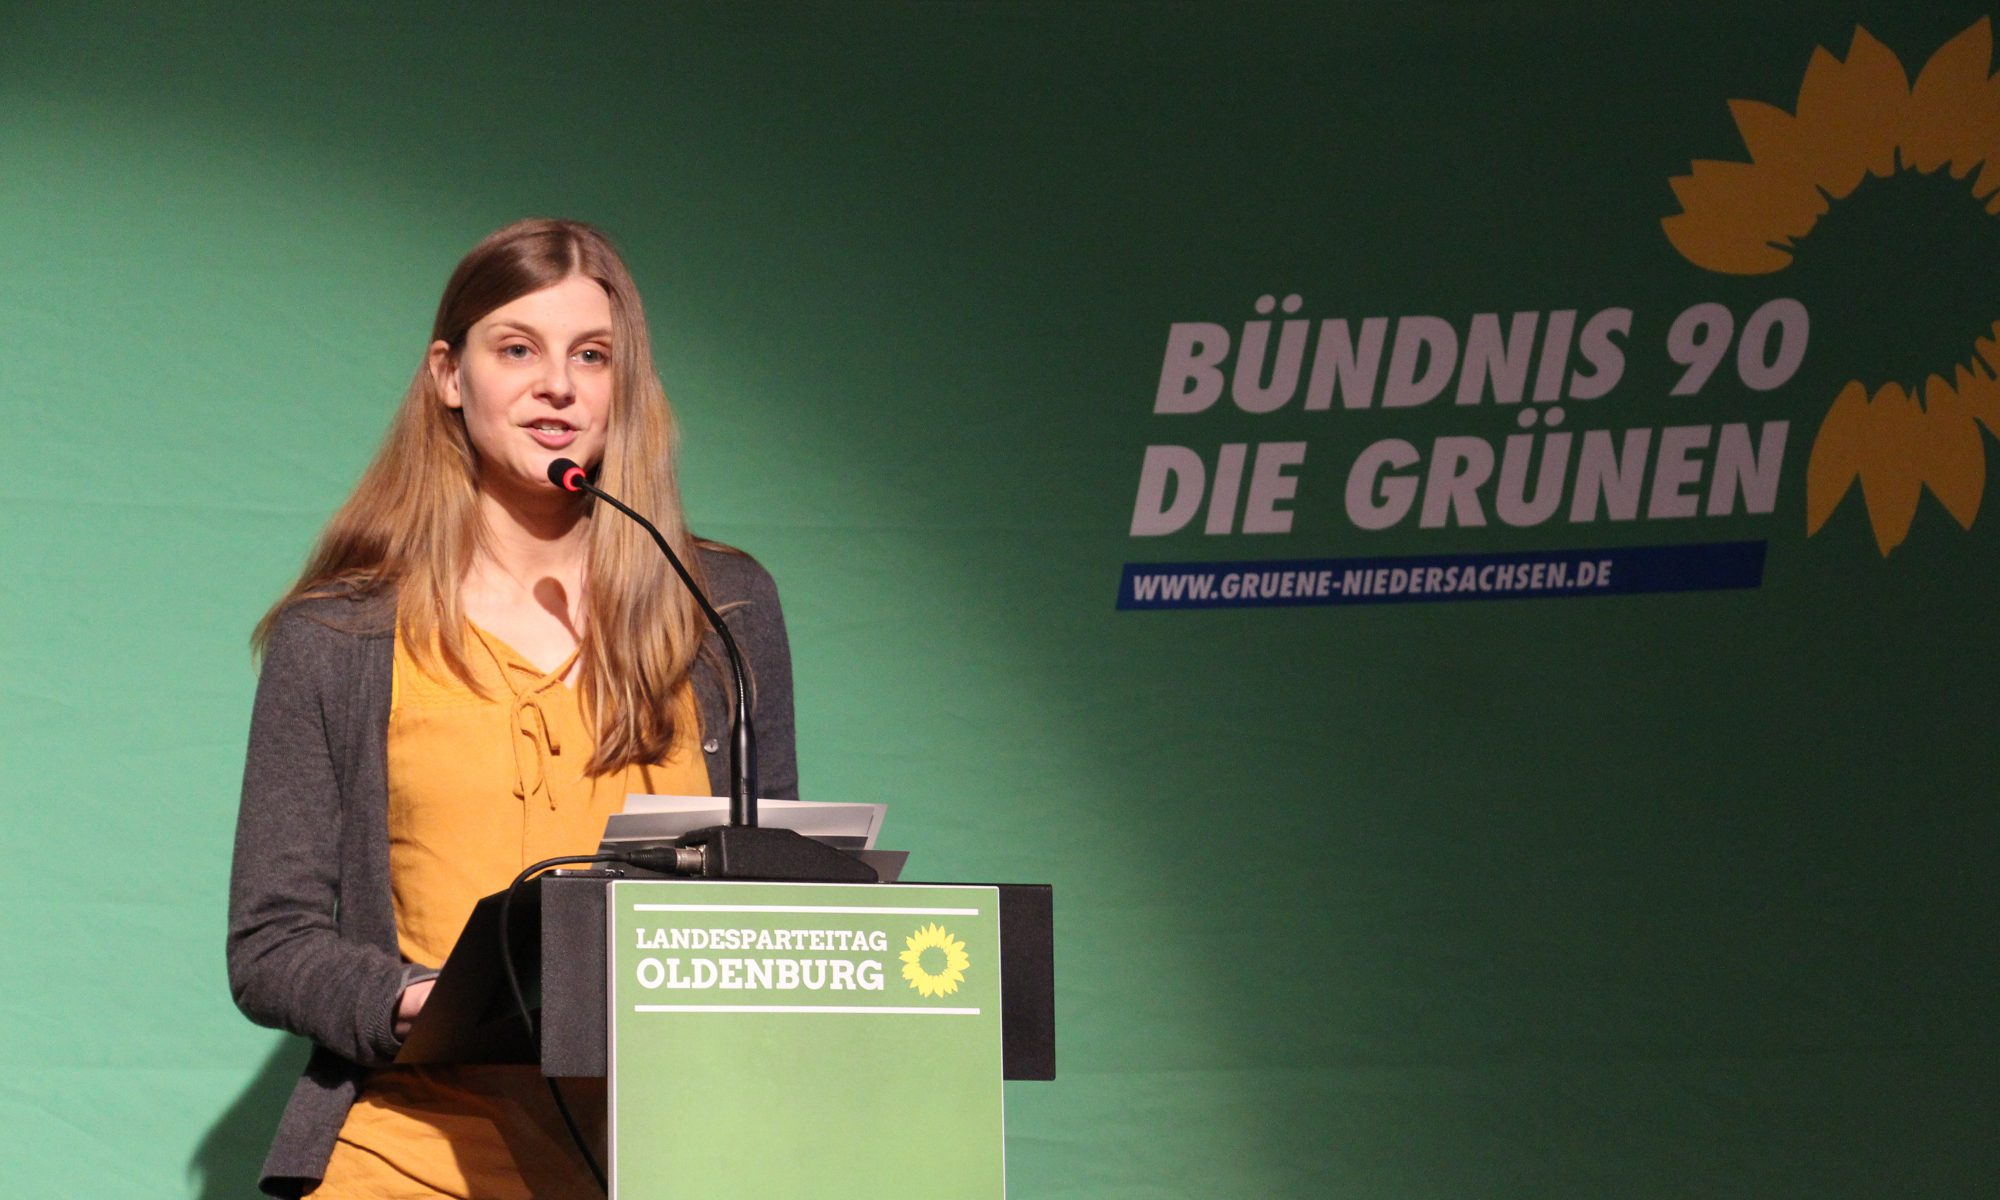 Anne Kura neue Landesvorsitzende - Grüne Niedersachsen